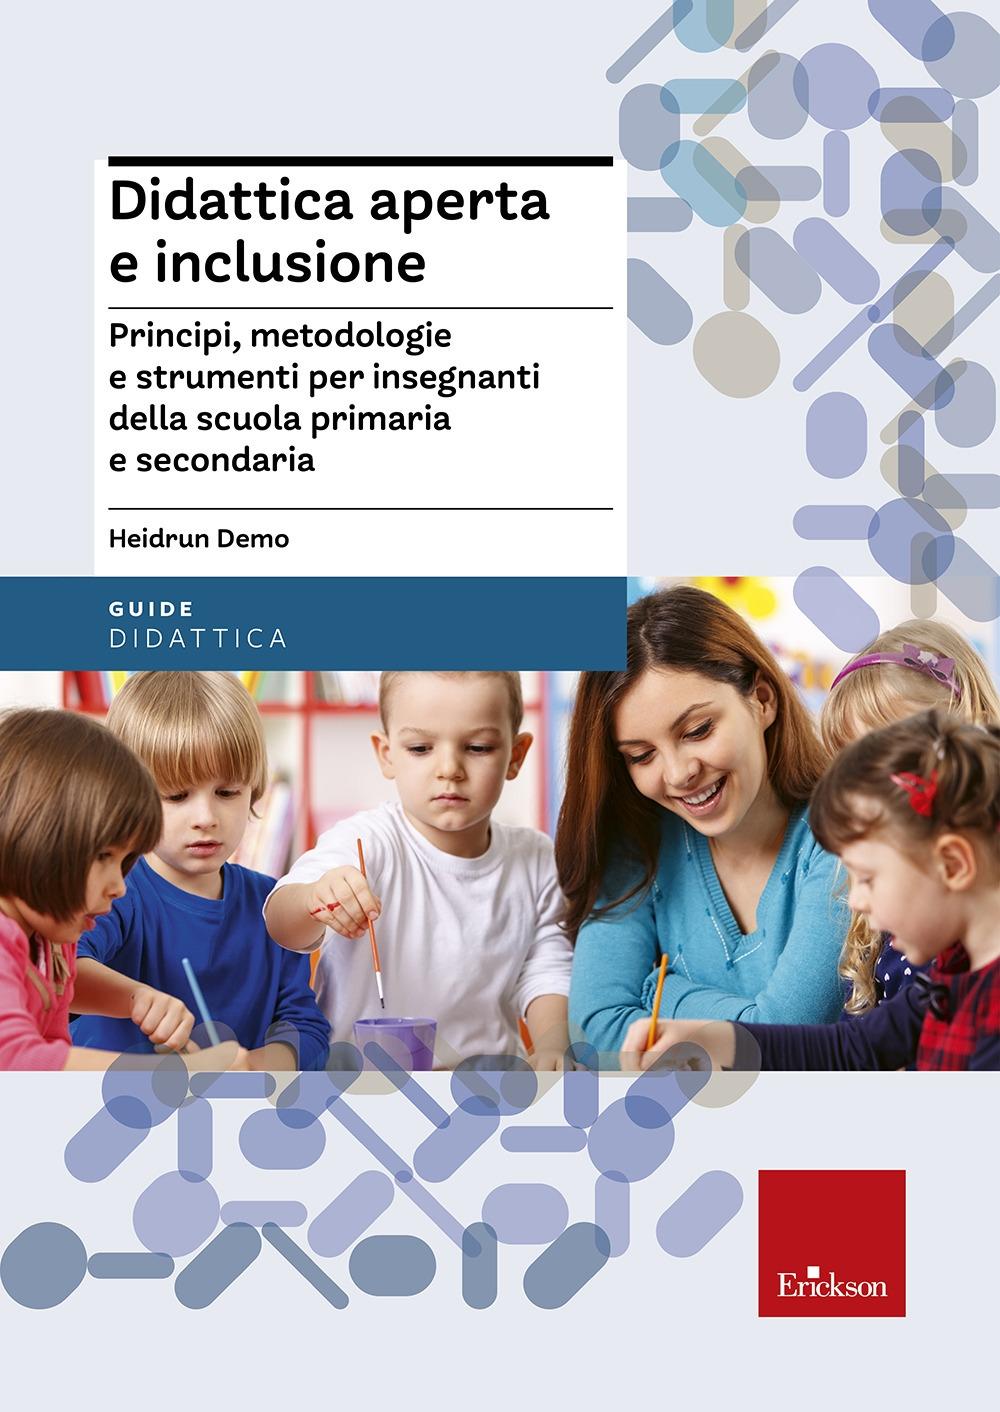 Didattica aperta e inclusione.